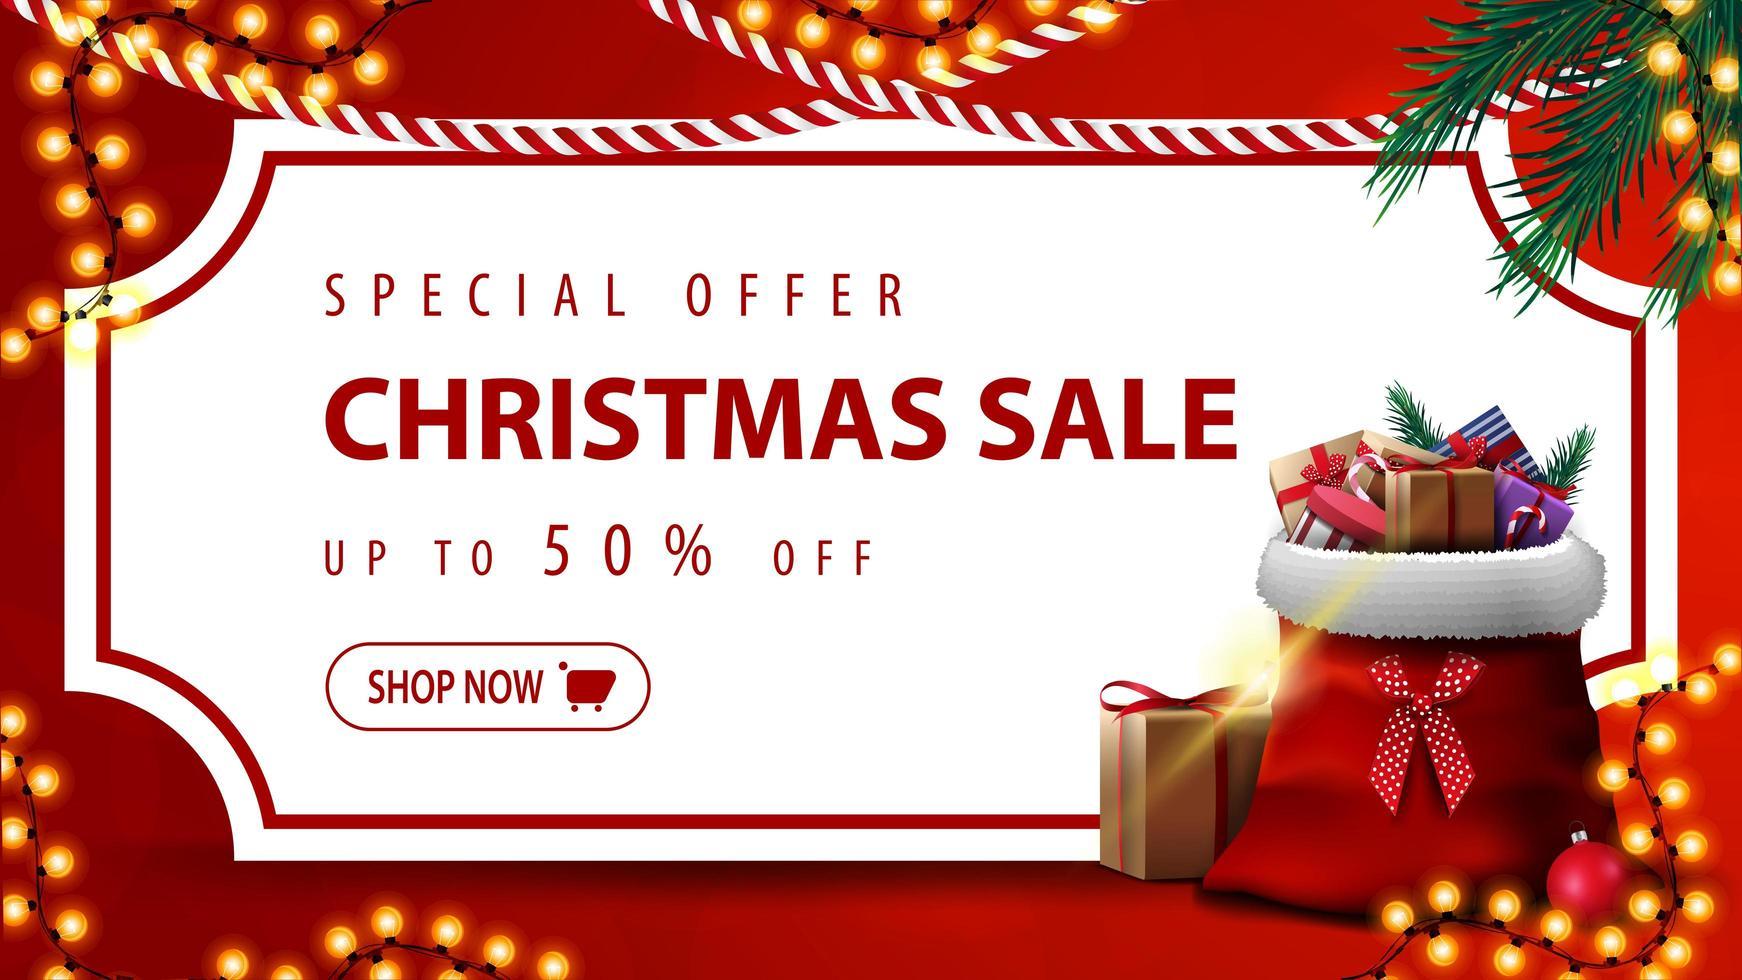 specialerbjudande, julförsäljning, upp till 50 rabatt, röd rabattbanner med vitbok i form av vintagebiljett, julgranfilialer, kransar och jultomtepåse med presenter vektor